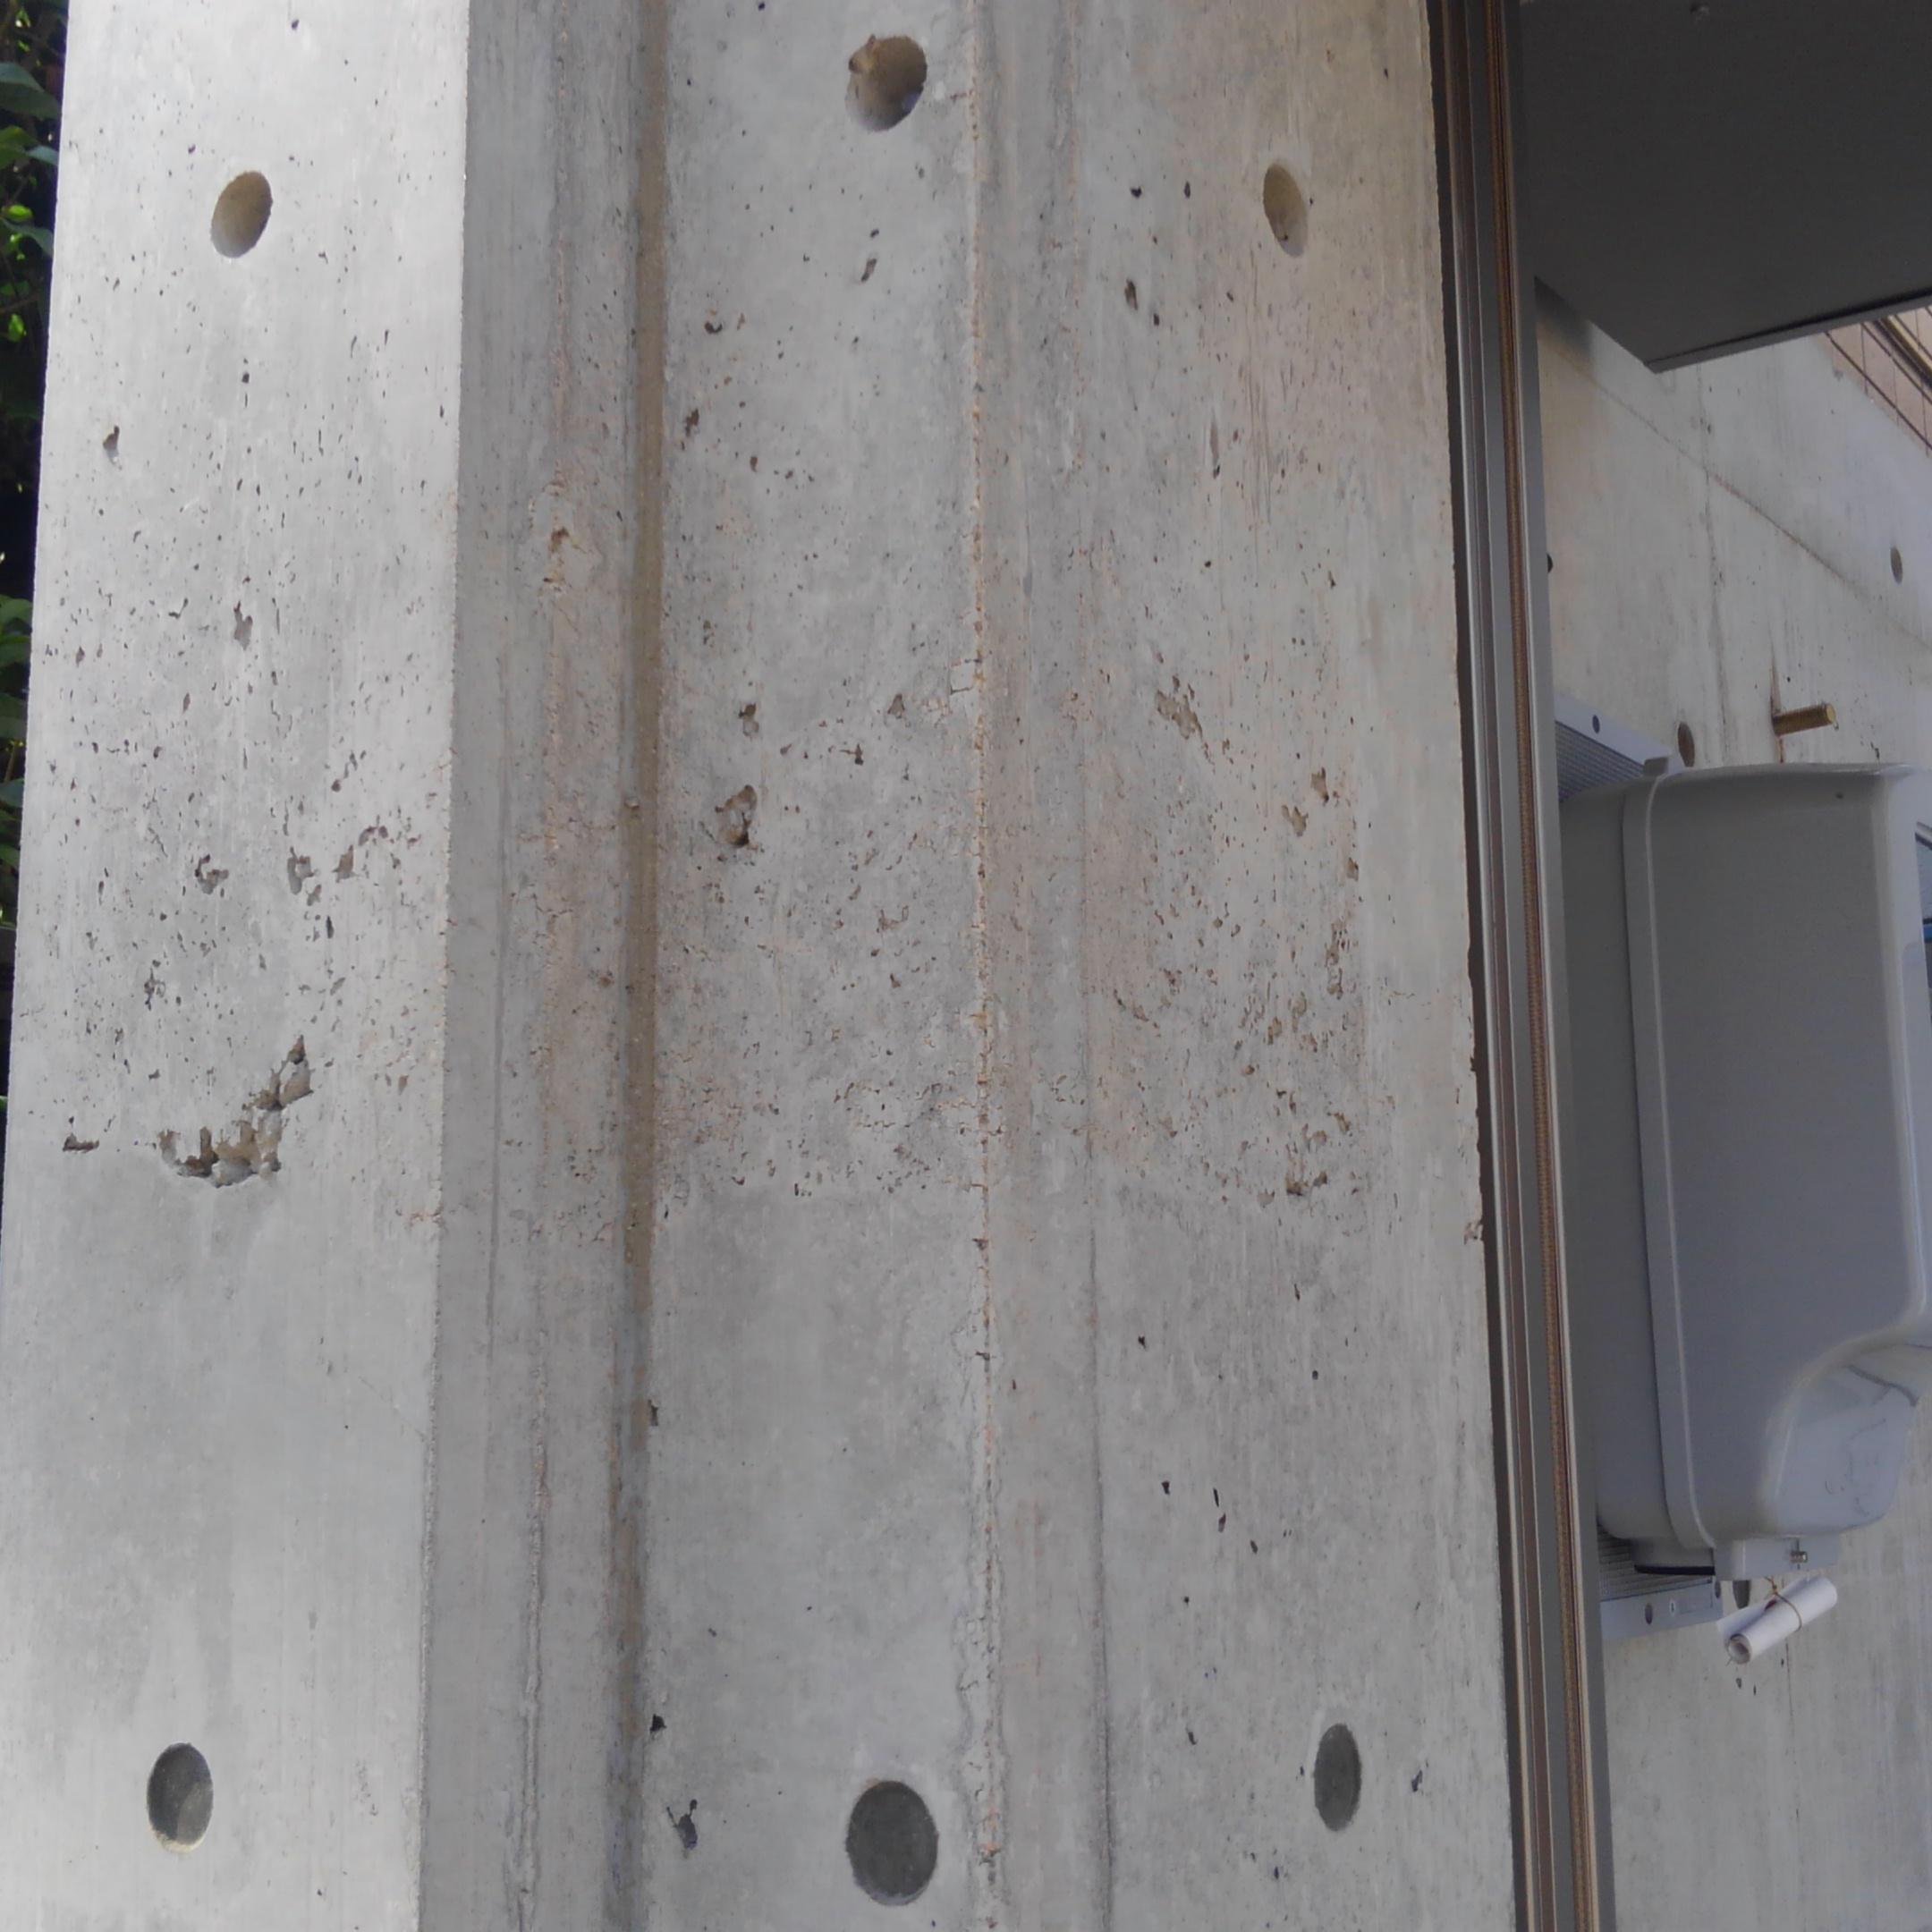 静岡県コンクリートエアあばた(ピンホール)補修工事